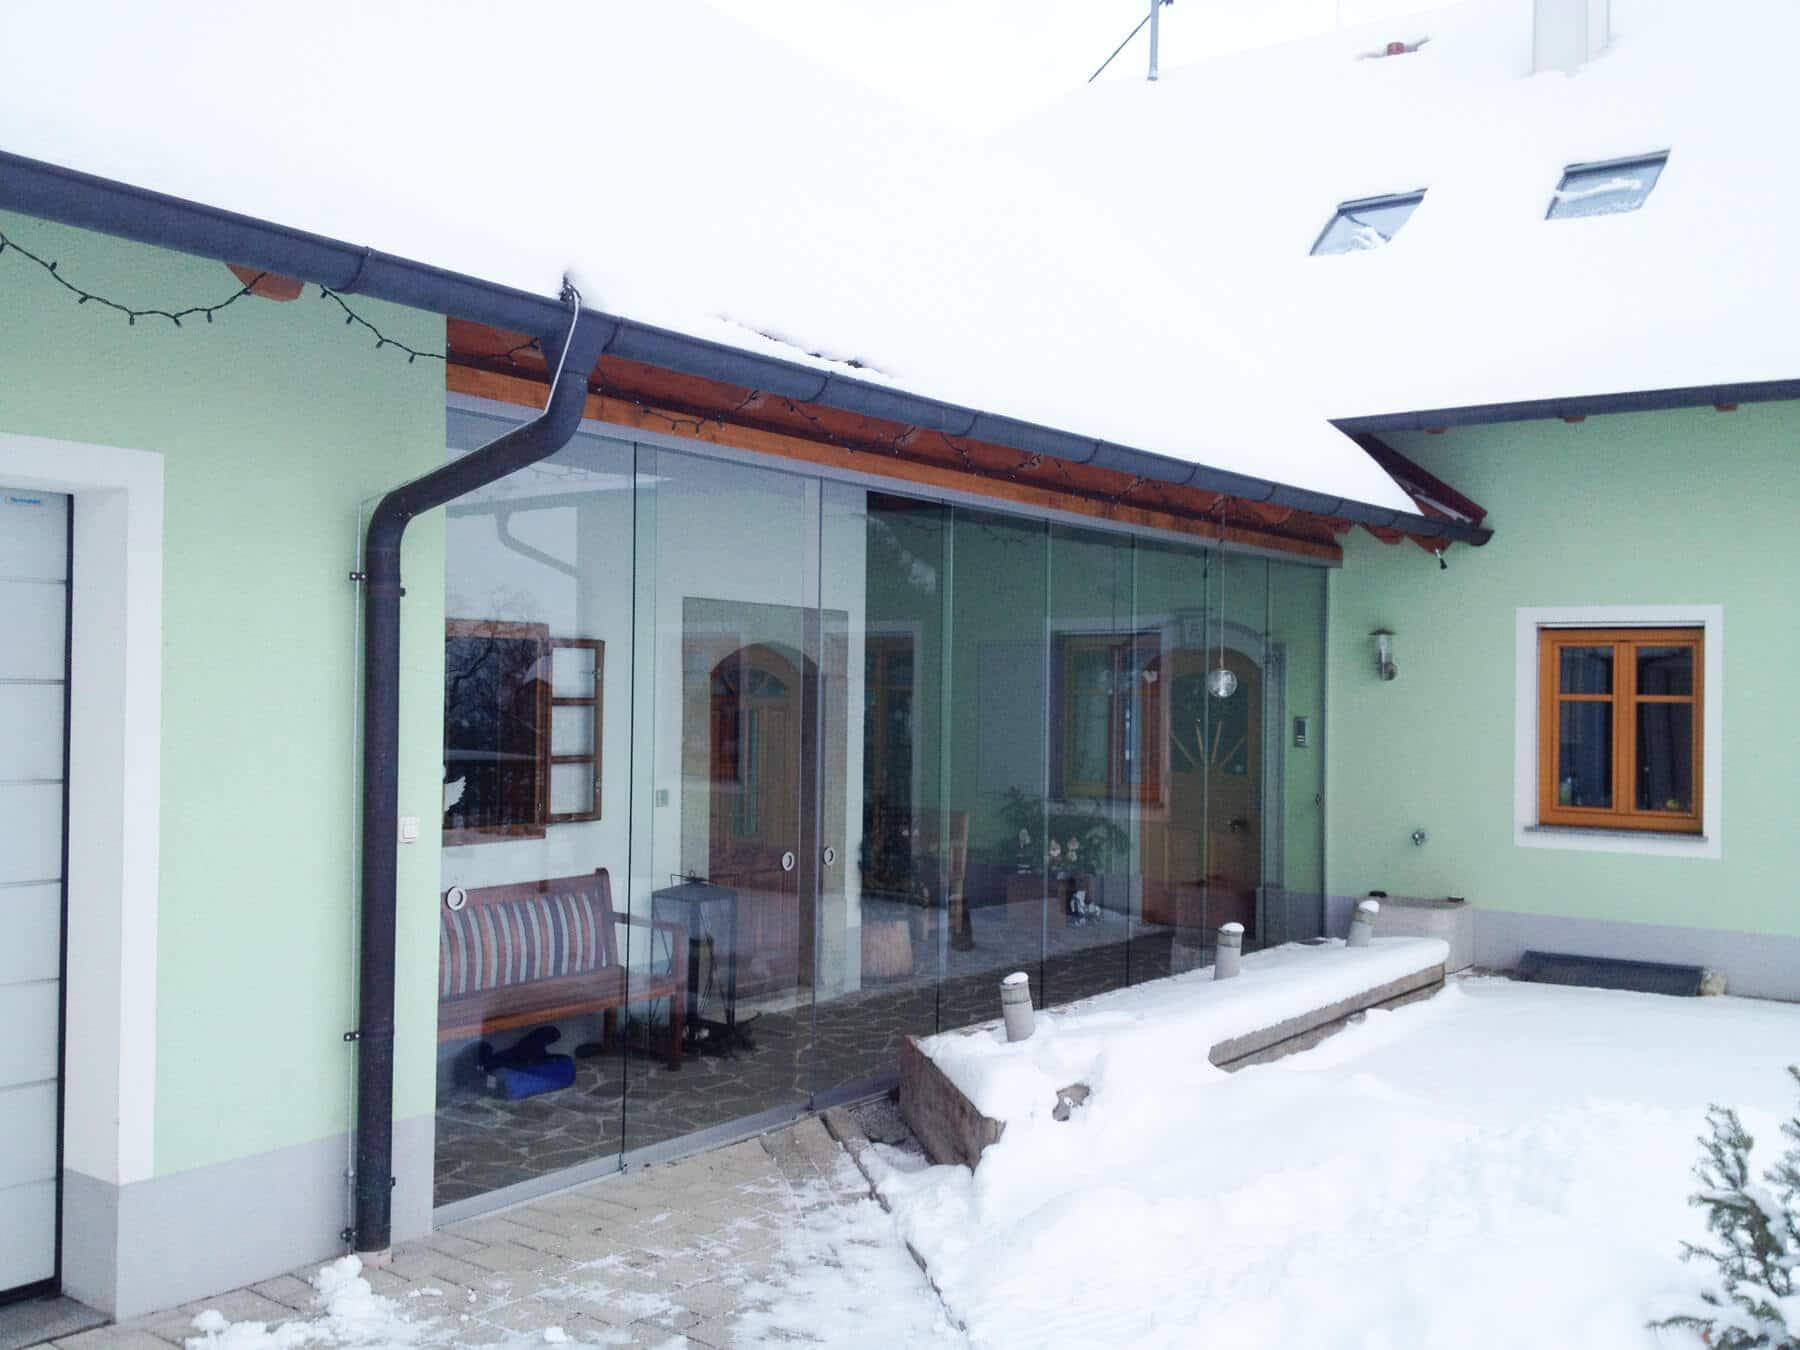 Windschutz für Hauseingang